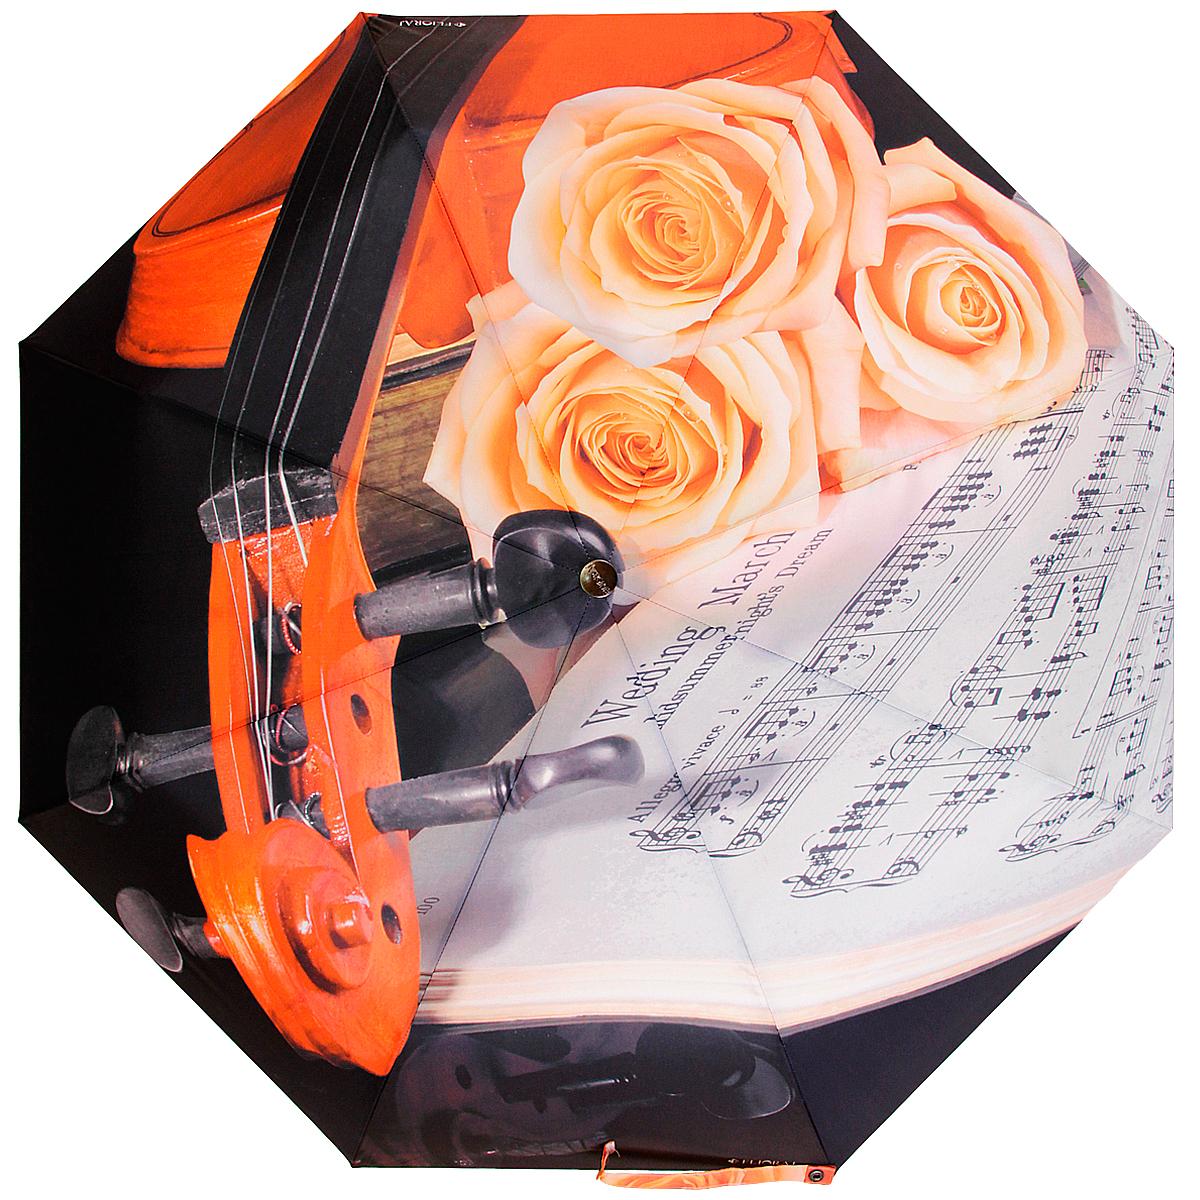 Зонт женский Flioraj Скрипка и ноты, механический, 5 сложений, оранжевый, черный, серый016-003 FJСтильный механический зонт Flioraj Скрипка и ноты в 5 сложений даже в ненастную погоду позволит вам оставаться стильной и элегантной. Каркас зонта из хромироавнной стали состоит из восьми спиц, оснащен удобной прорезиненной рукояткой. Ветростойкий каркас возвращается к нормальному положению из вывернутого ветром наизнанку зонта. Для этого нужно закрыть зонт и вновь его открыть. Зонт имеет механический тип сложения: купол открывается и закрывается вручную, стержень также складывается вручную до характерного щелчка. Купол зонта выполнен из прочного полиэстера и оформлен изображением скрипки, роз и нот. Закрытый купол фиксируется хлястиком на кнопке. На рукоятке для удобства есть небольшая эластичная петля, позволяющая надеть зонт на руку тогда, когда это будет необходимо. К зонту прилагается чехол.